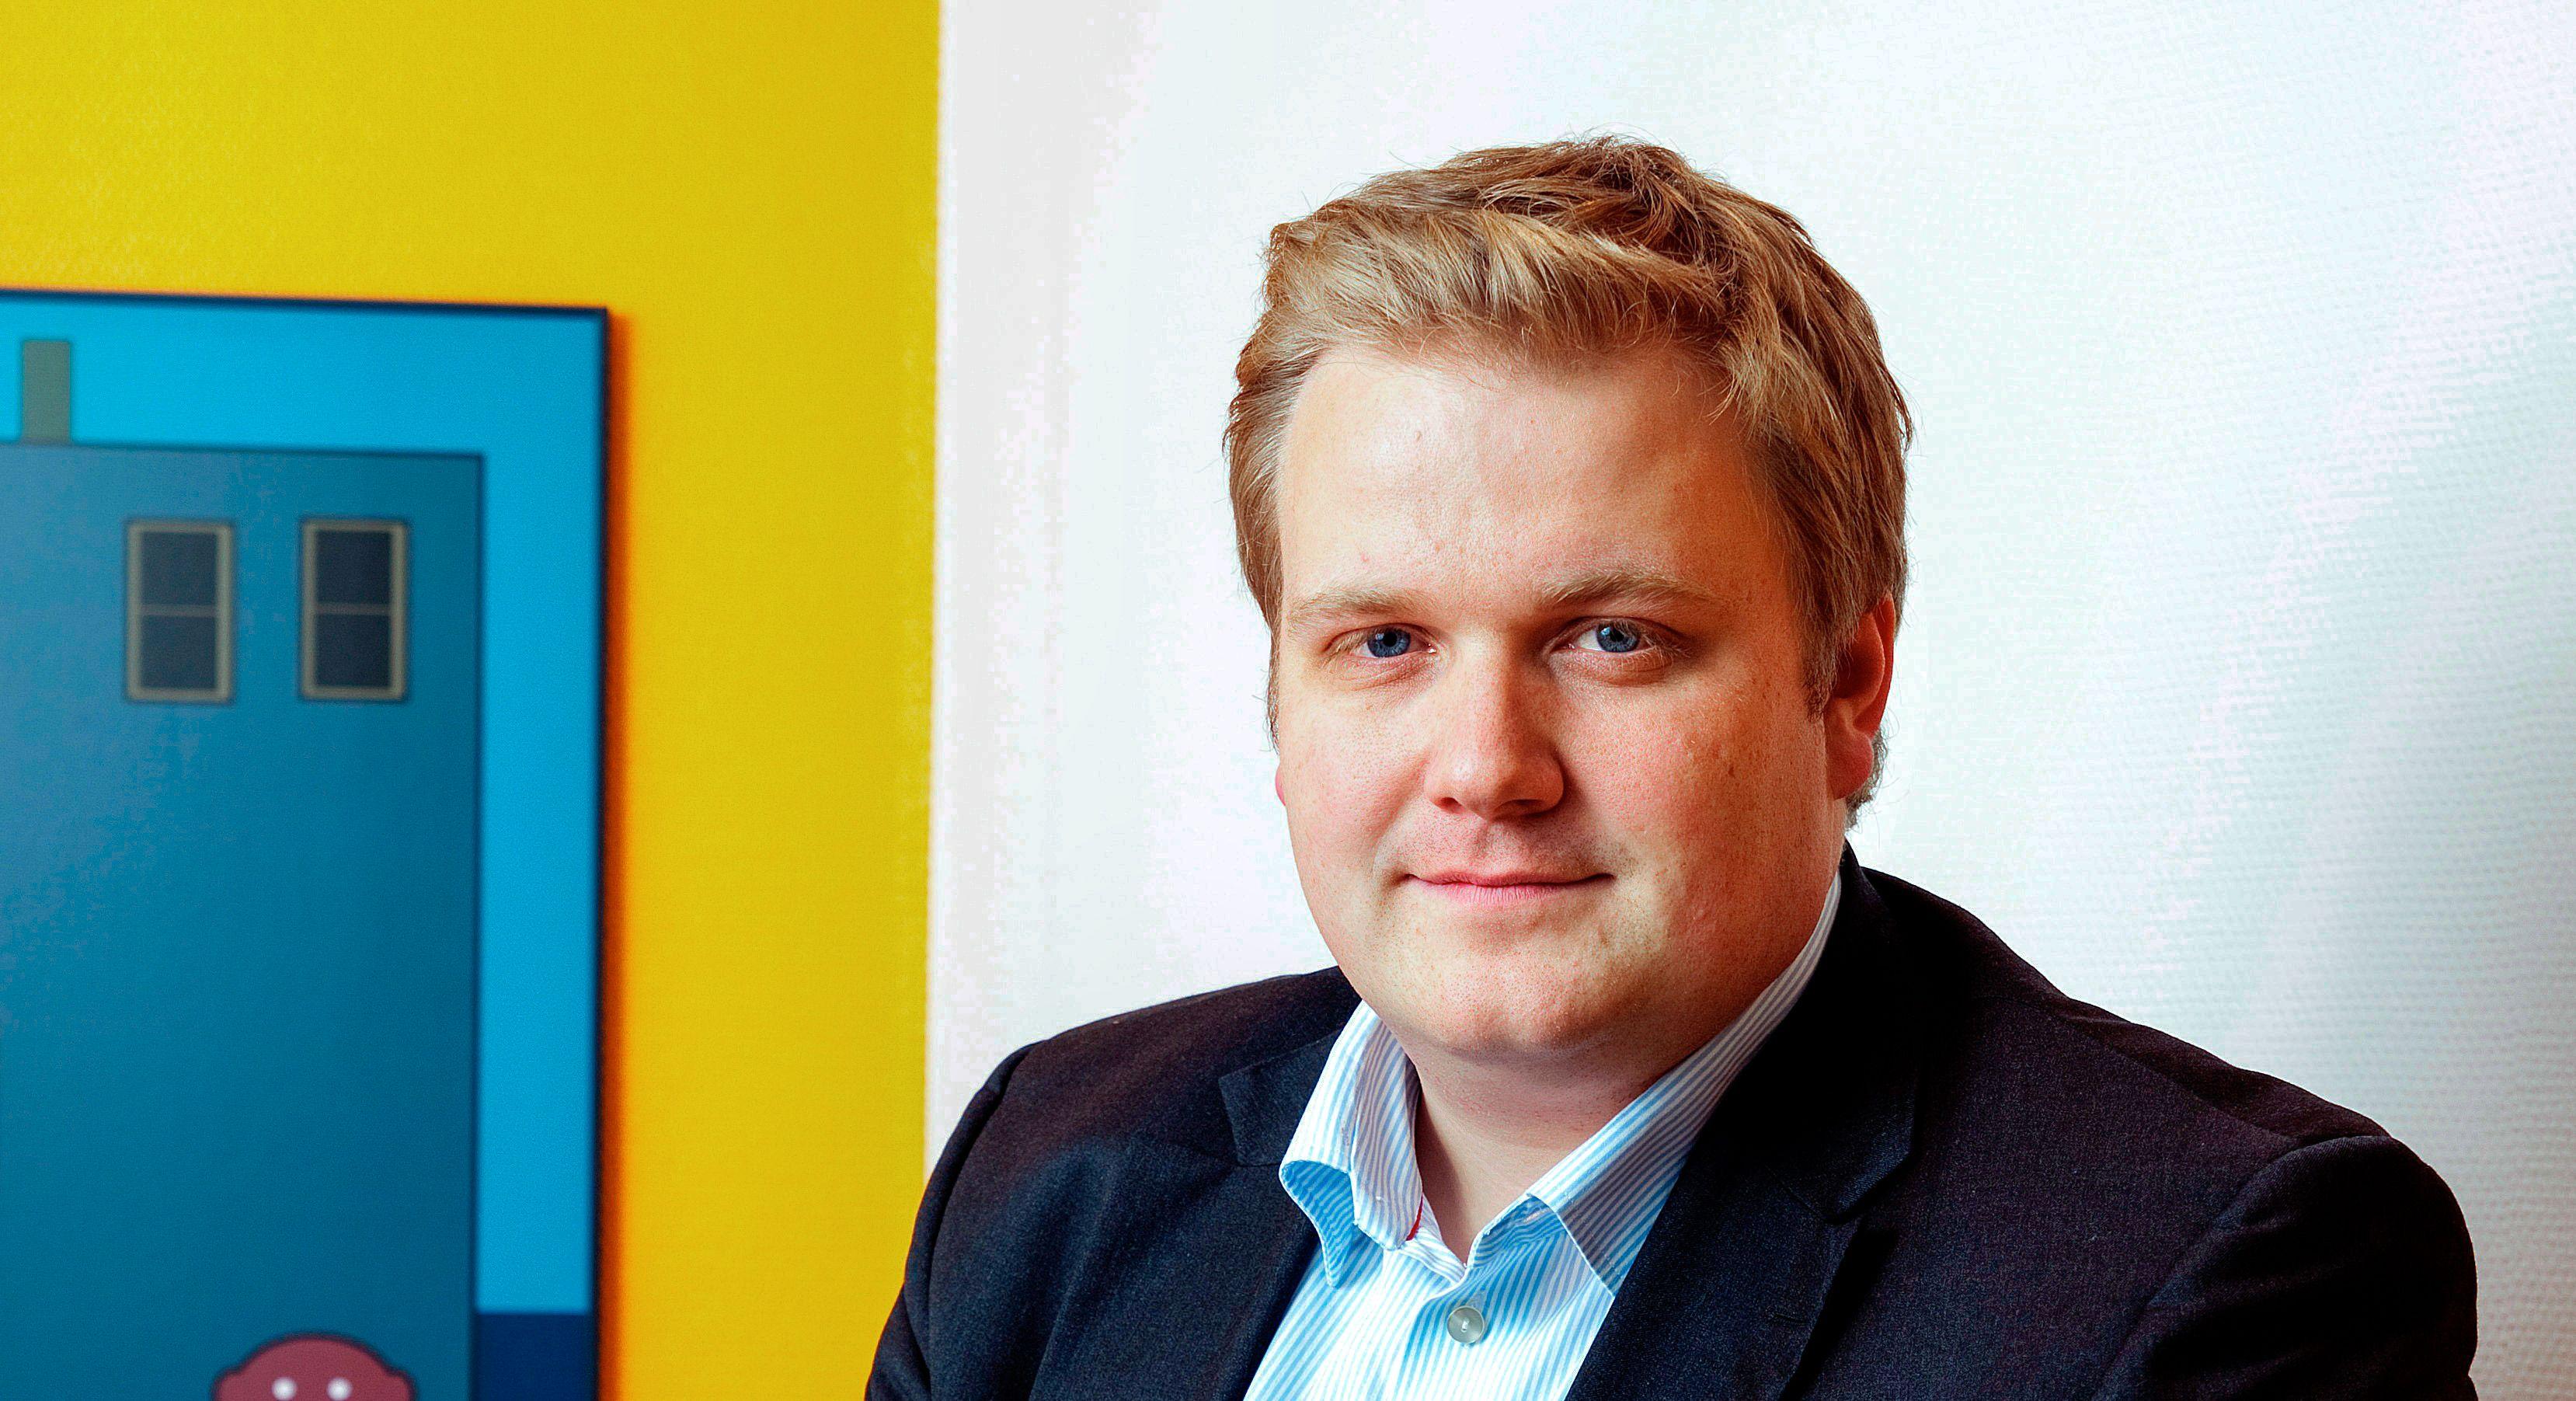 Chilimobil-sjef Lars Ryen Mill sier de vil løse denne saken og eventuelt justere vilkårene i samråd med Nkom. Bilde: Chilimobil